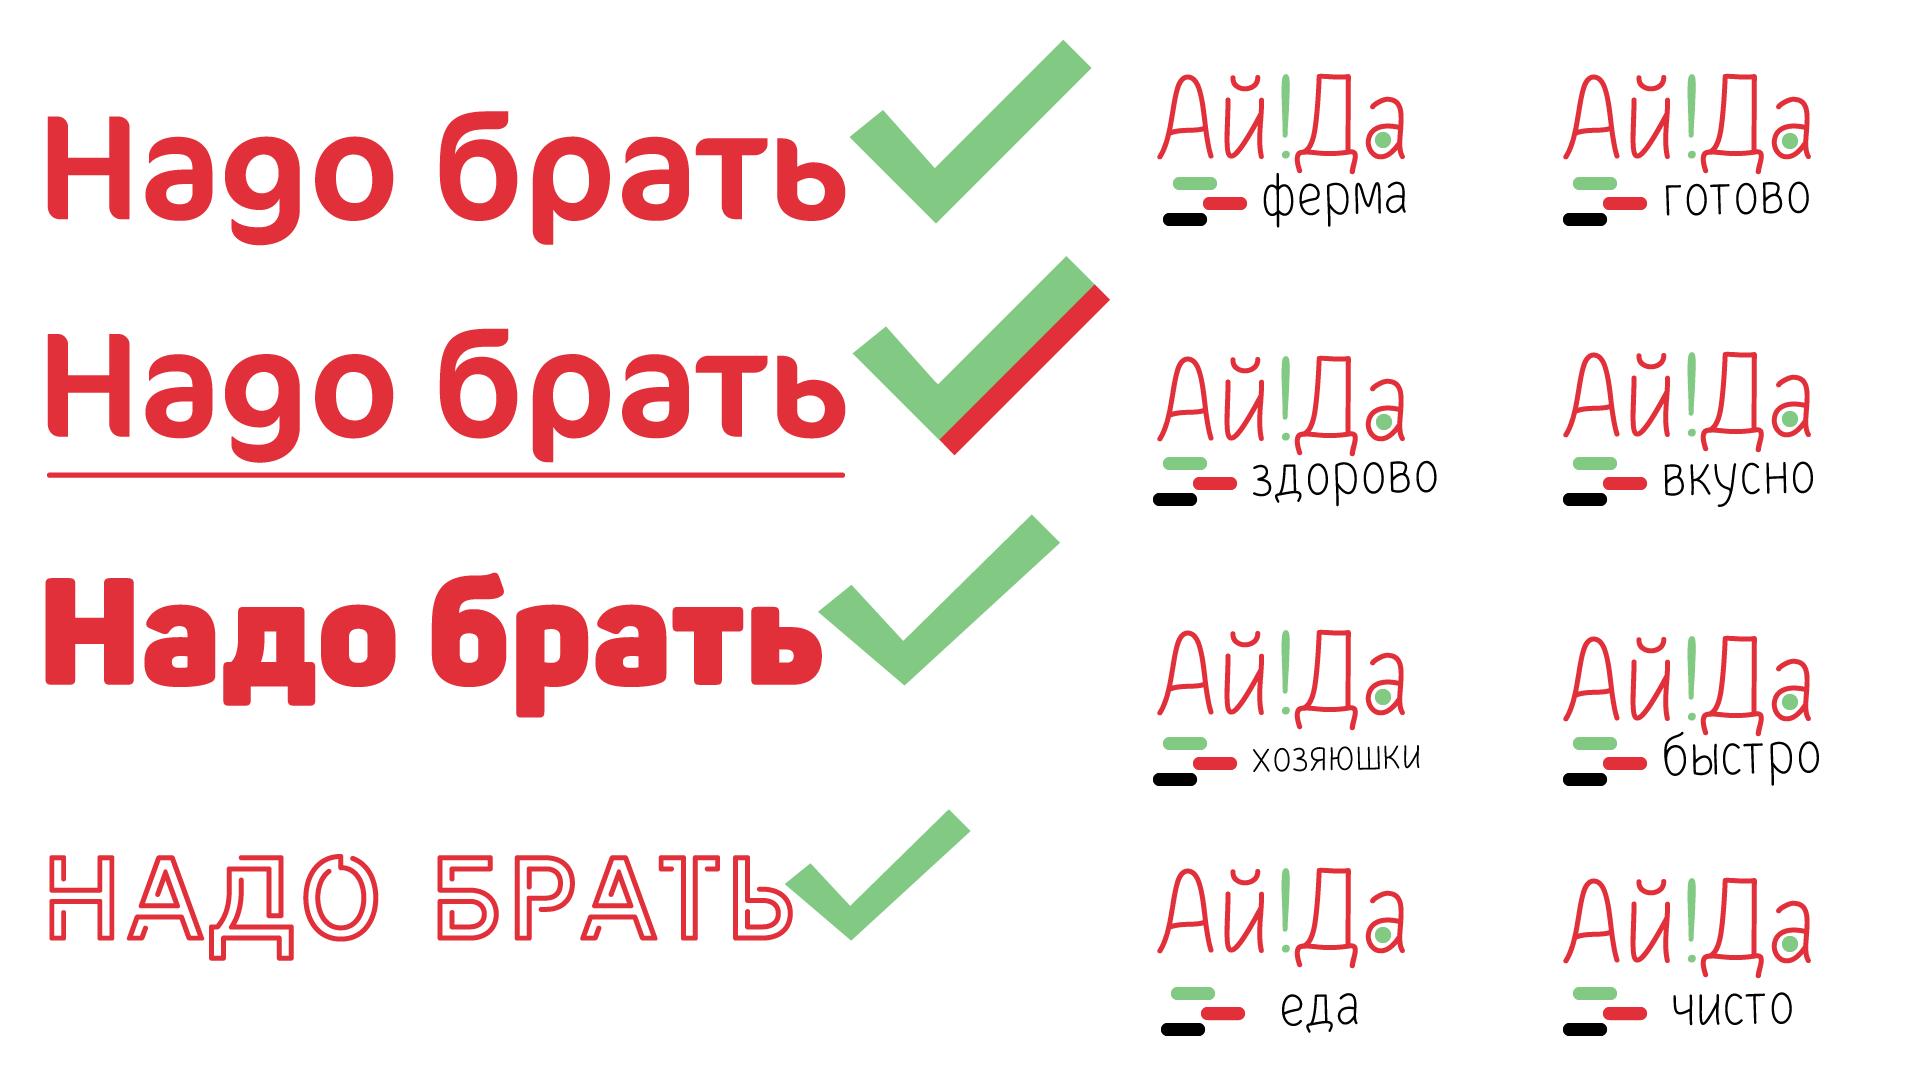 Дизайн логотипа и упаковки СТМ фото f_7145c54591353b01.png